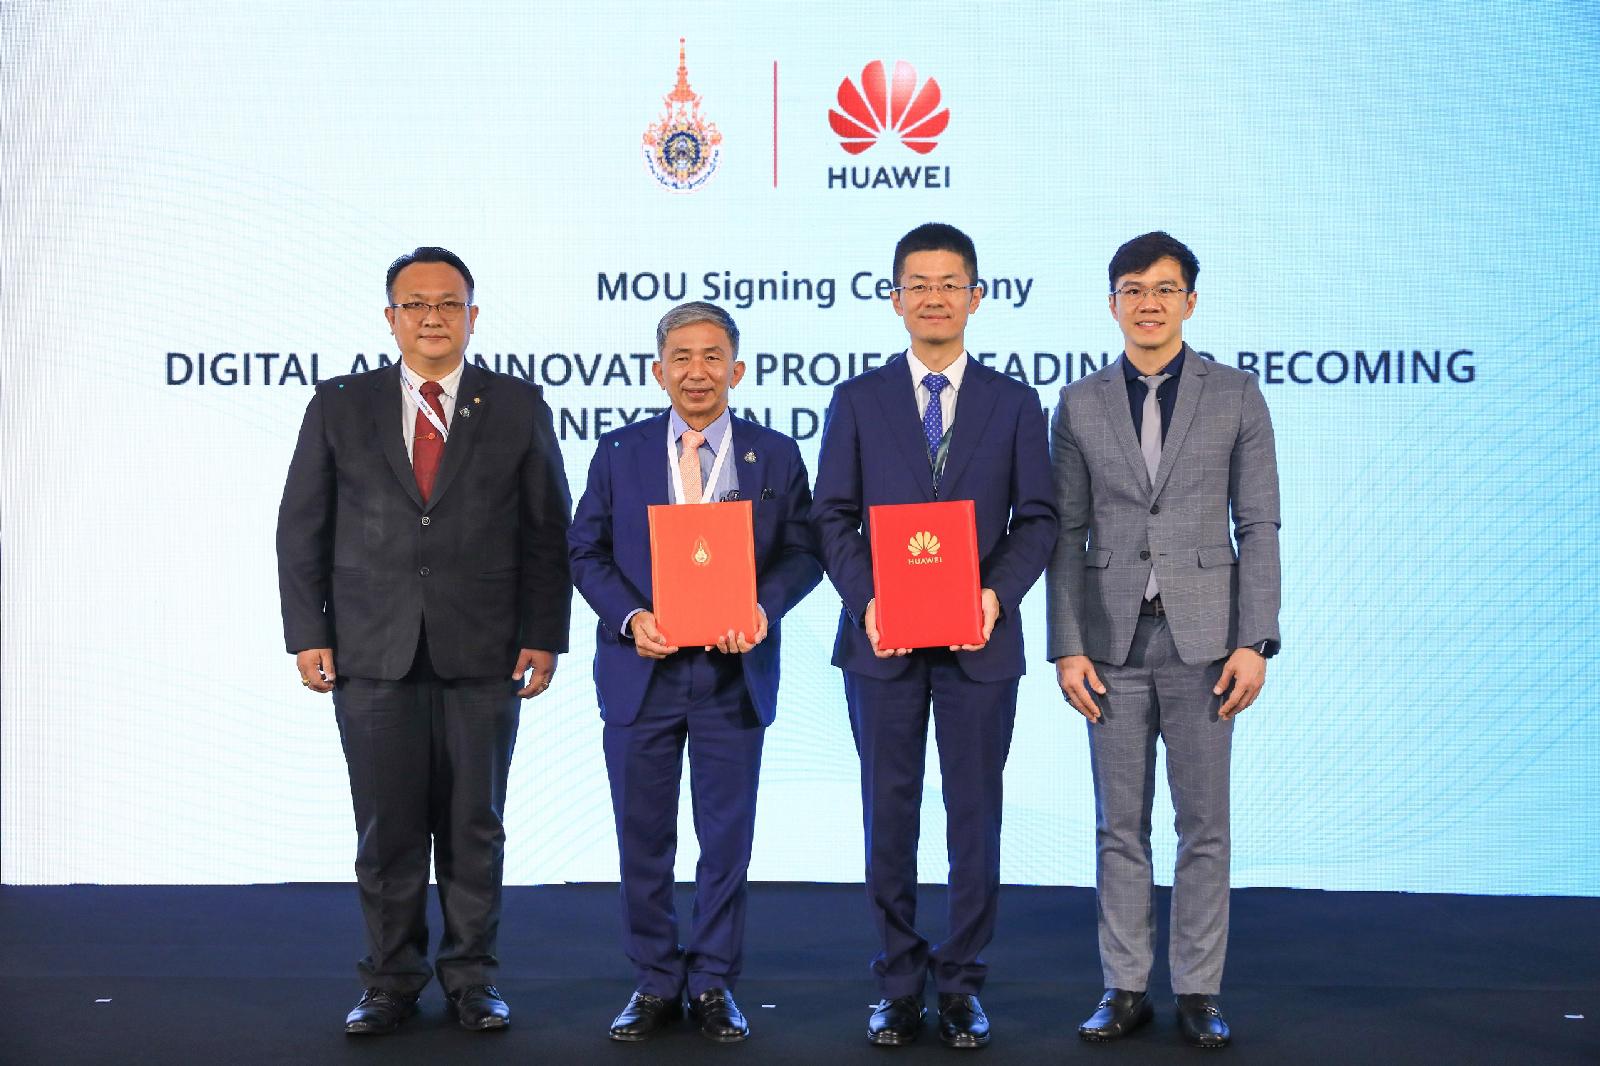 มหาวิทยาลัยเทคโนโลยีราชมงคลอีสาน-Huawei ลงนามบันทึกข้อตกลงความร่วมมือ RMUTI NEXT GEN DIGITAL UNIVERSITY